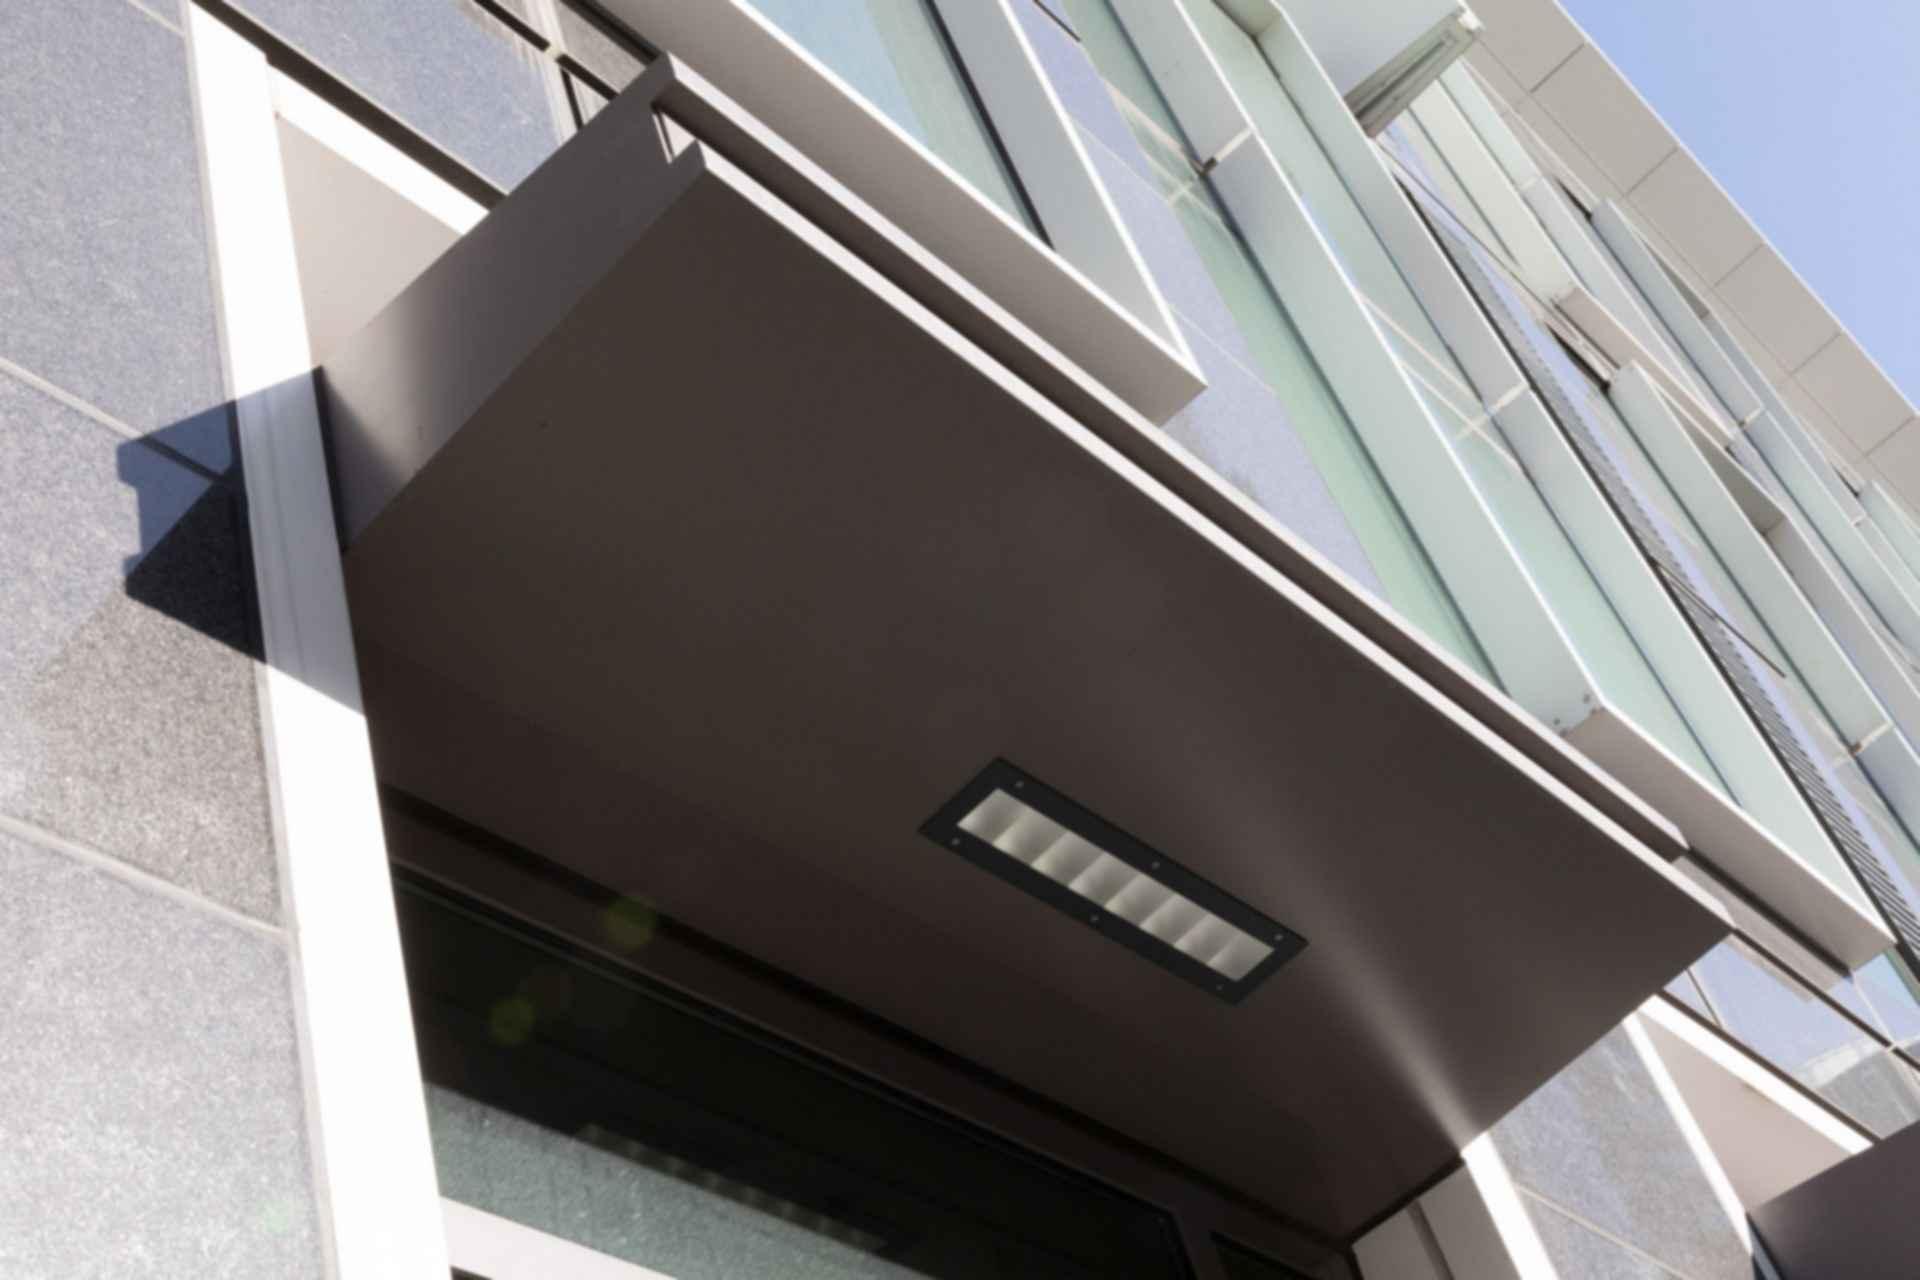 Window Overhang Light Detailing